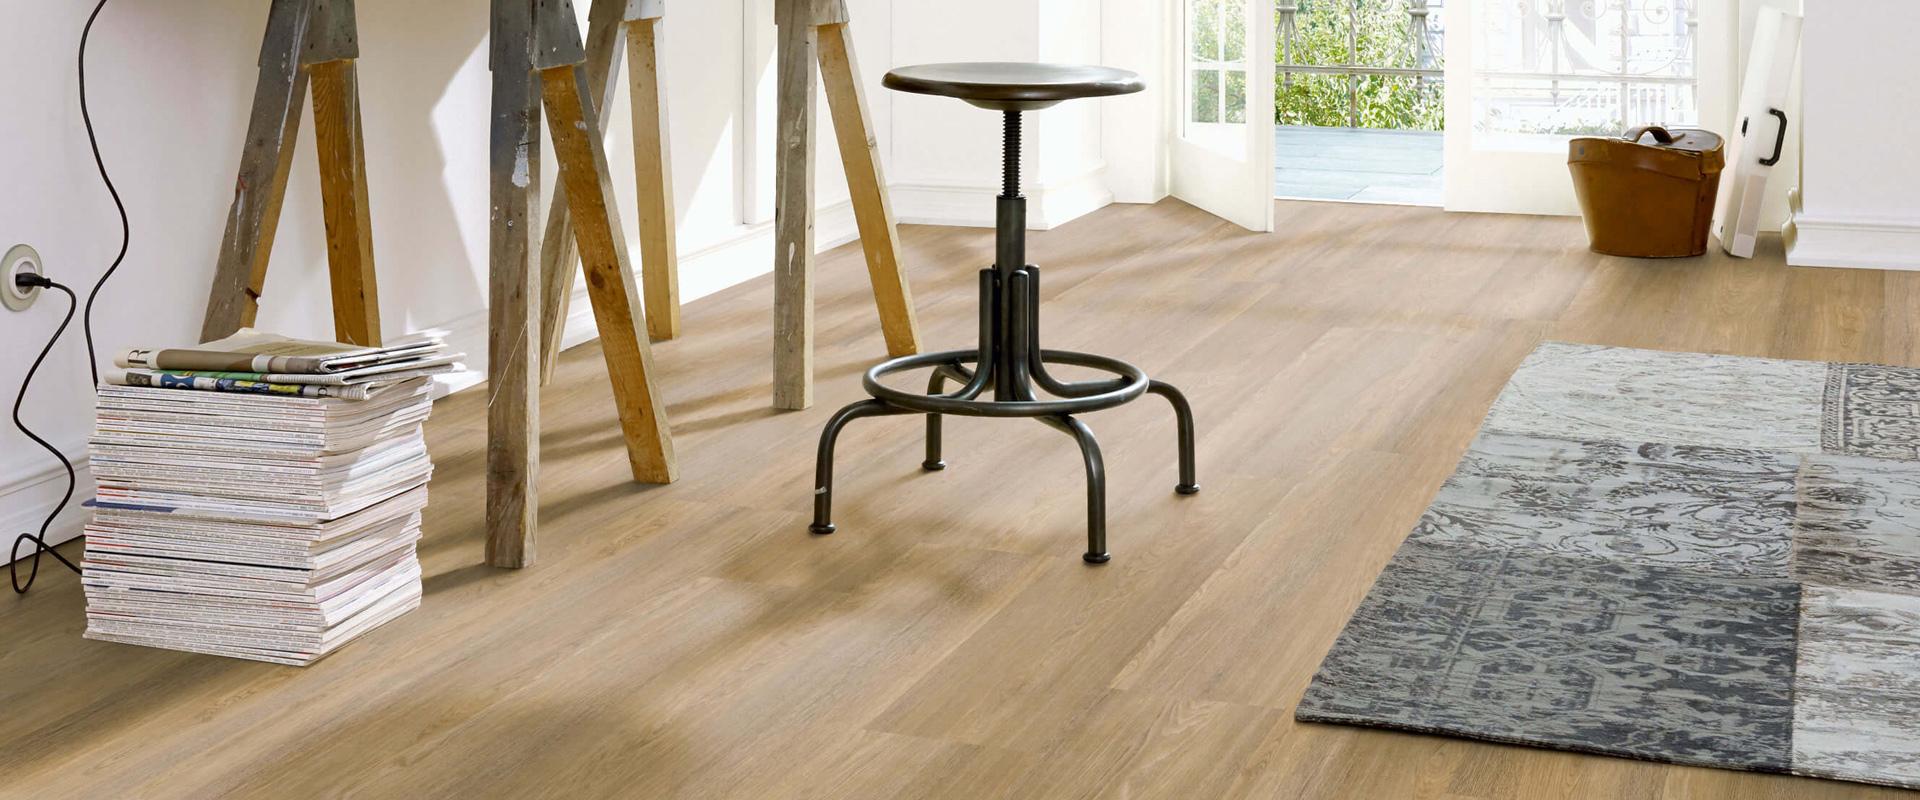 Bekend Een PVC vloer over een bestaande vloer leggen | Vloerenland GY96